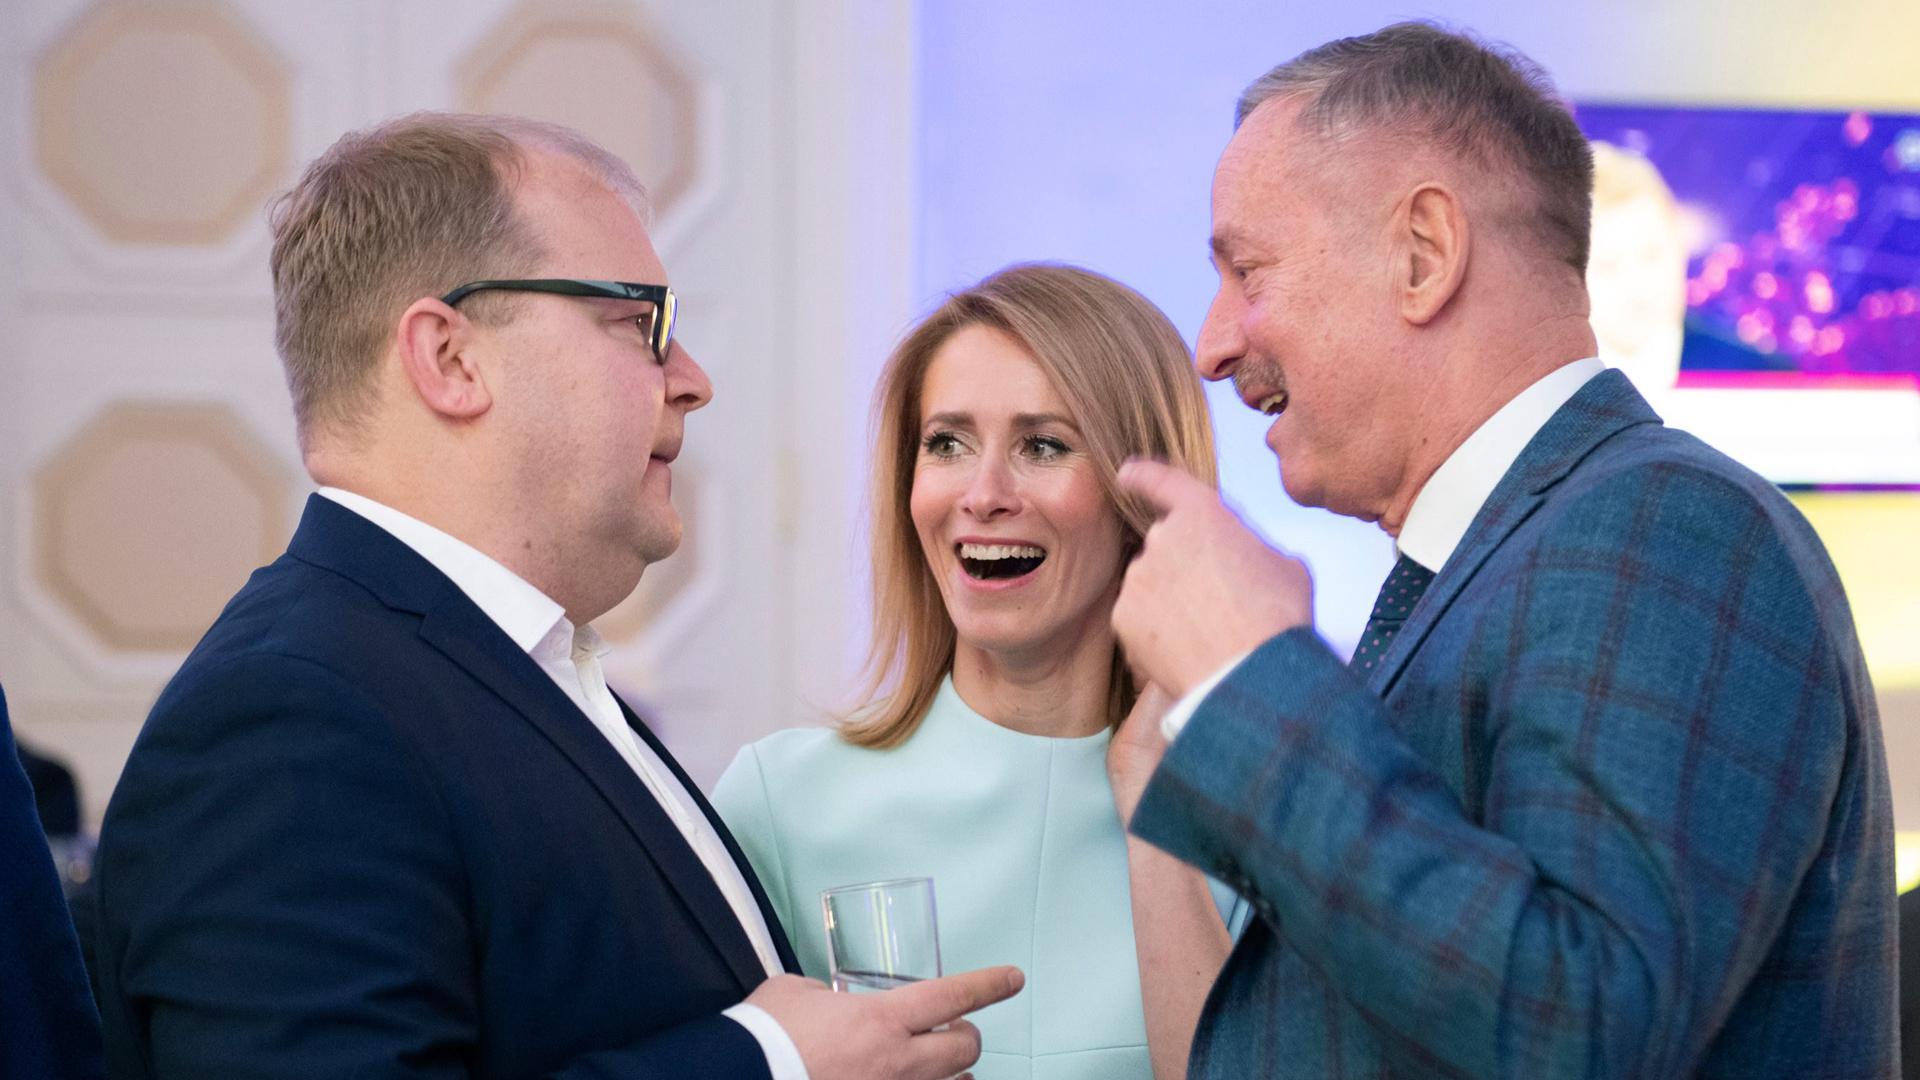 Vaalivoittaja iloitsee Teatteri NO99:ssa. Kaja Kallaksesta on nousemassa 41-vuotiaana Viron ensimmäiseksi naispääministeriksi.